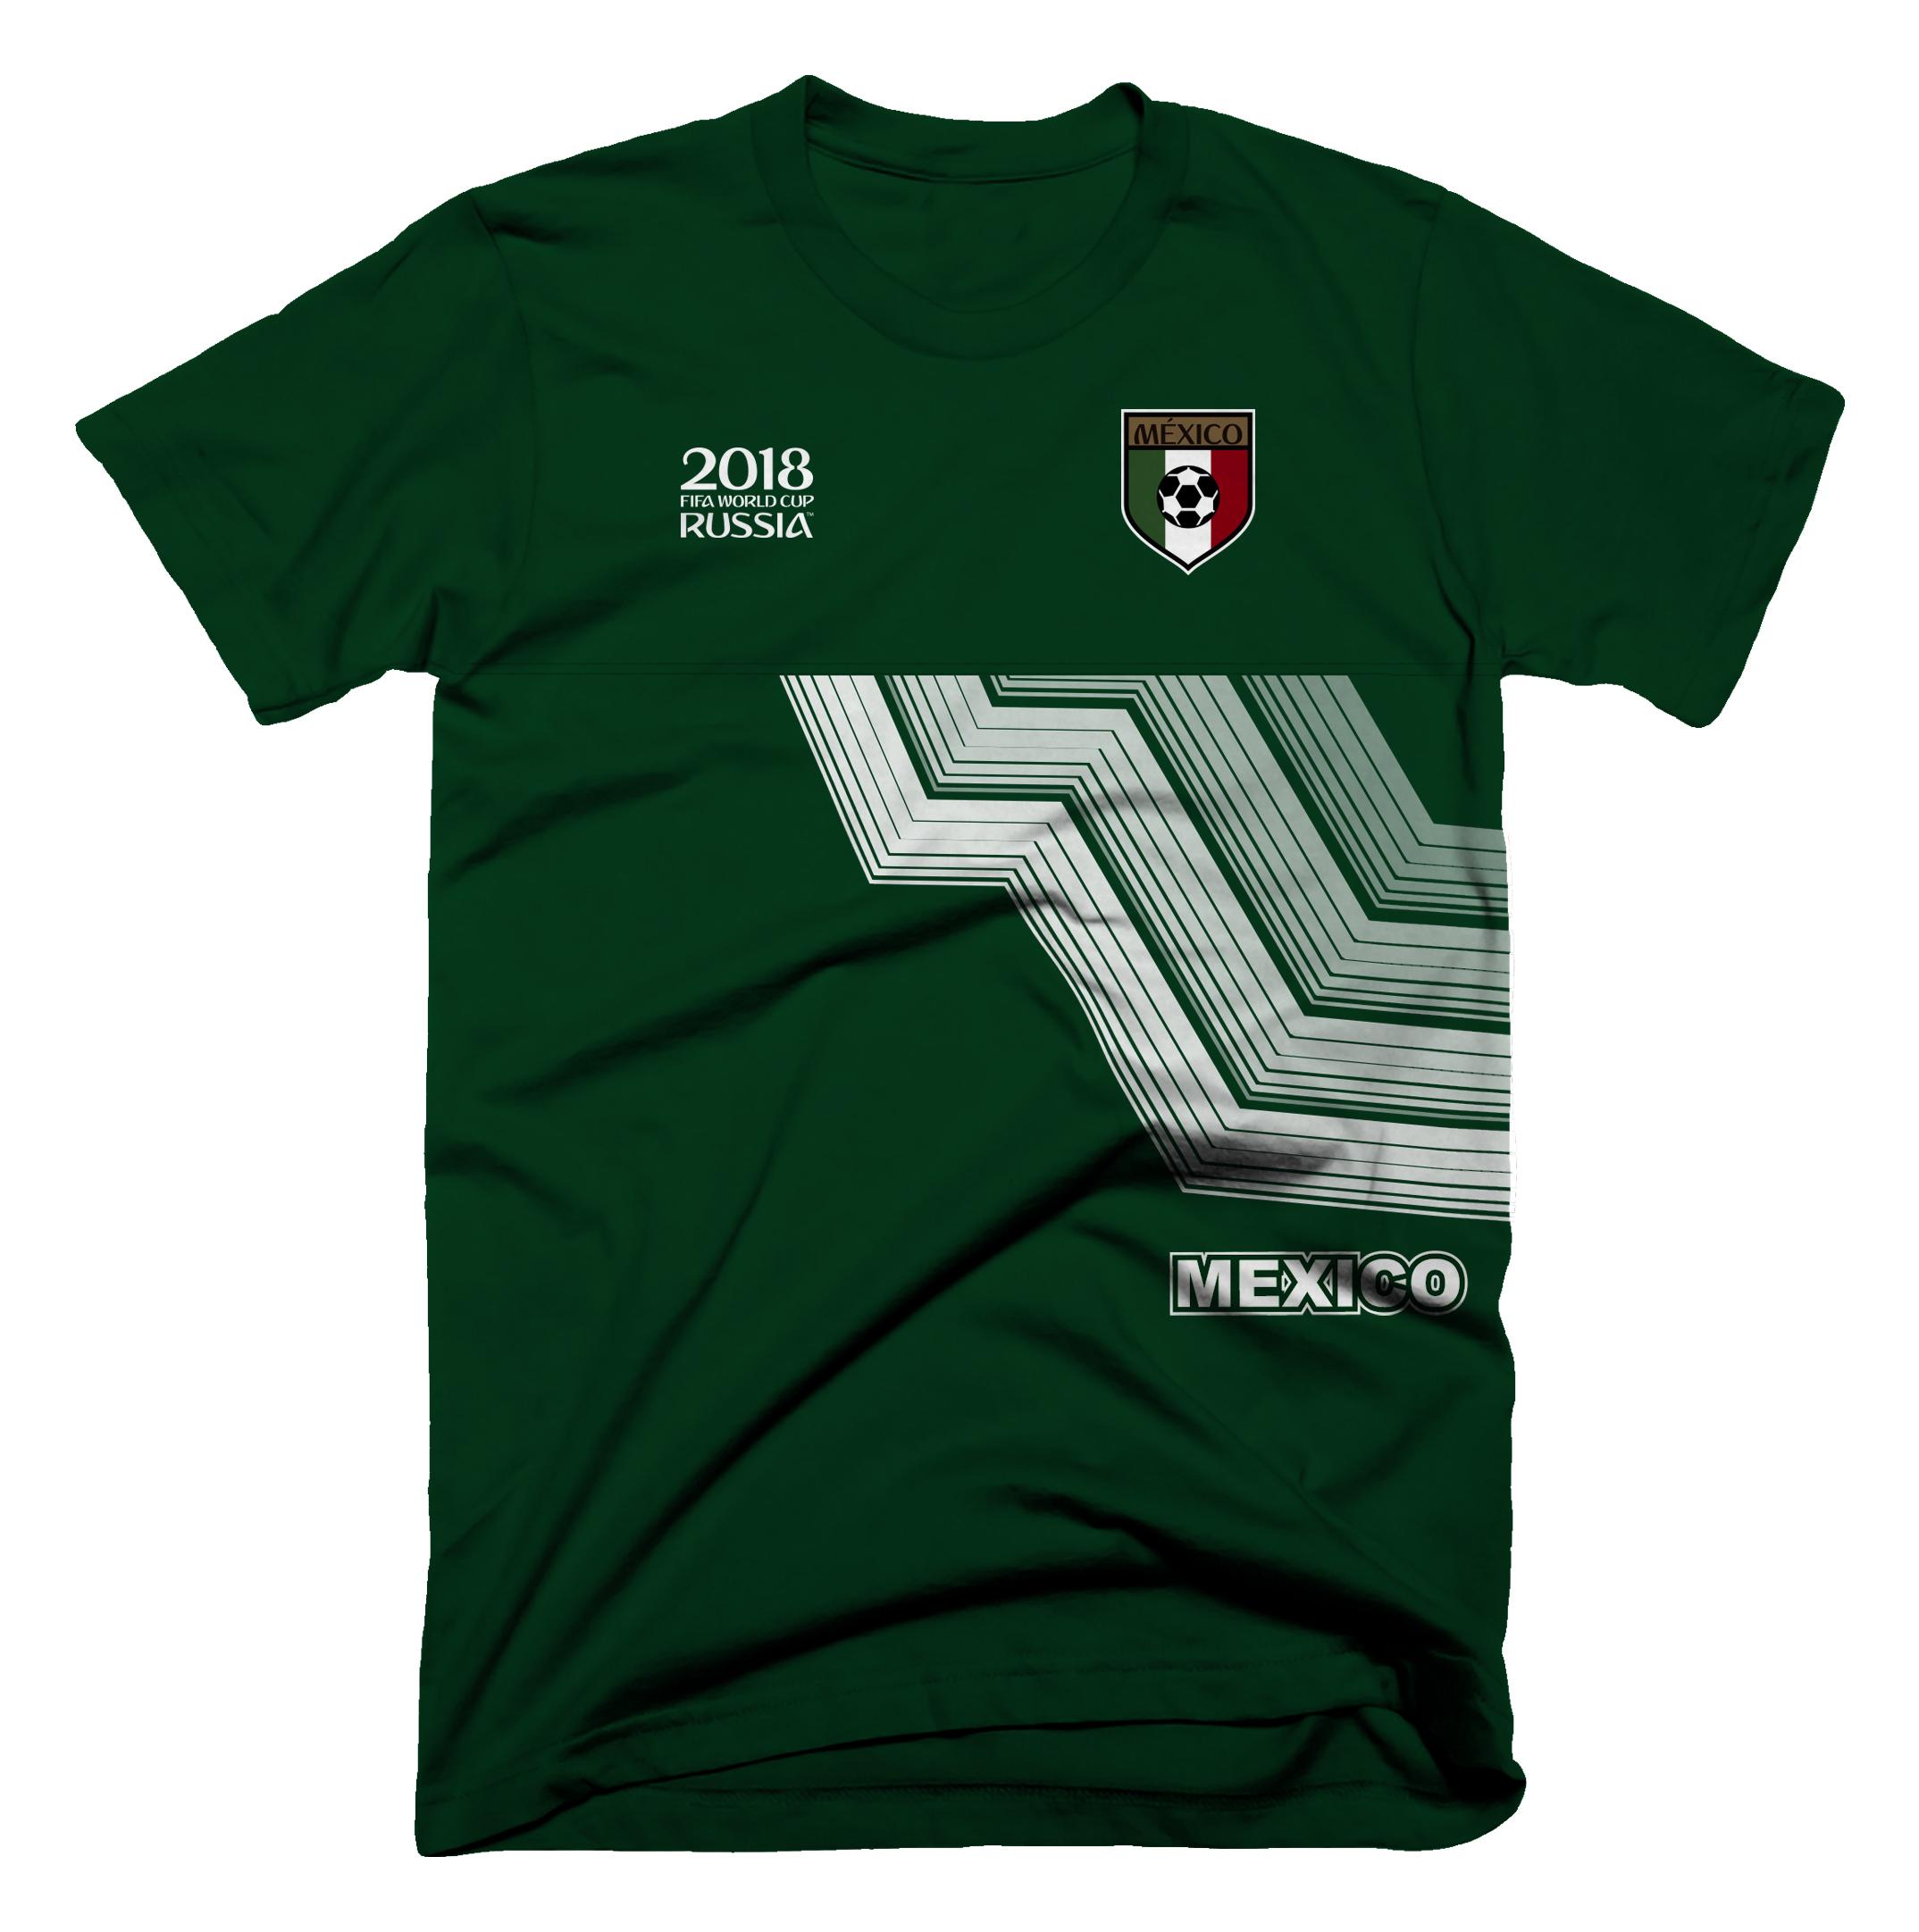 02fd1d4953002 Playera Deportiva México 2018 - Aurimoda